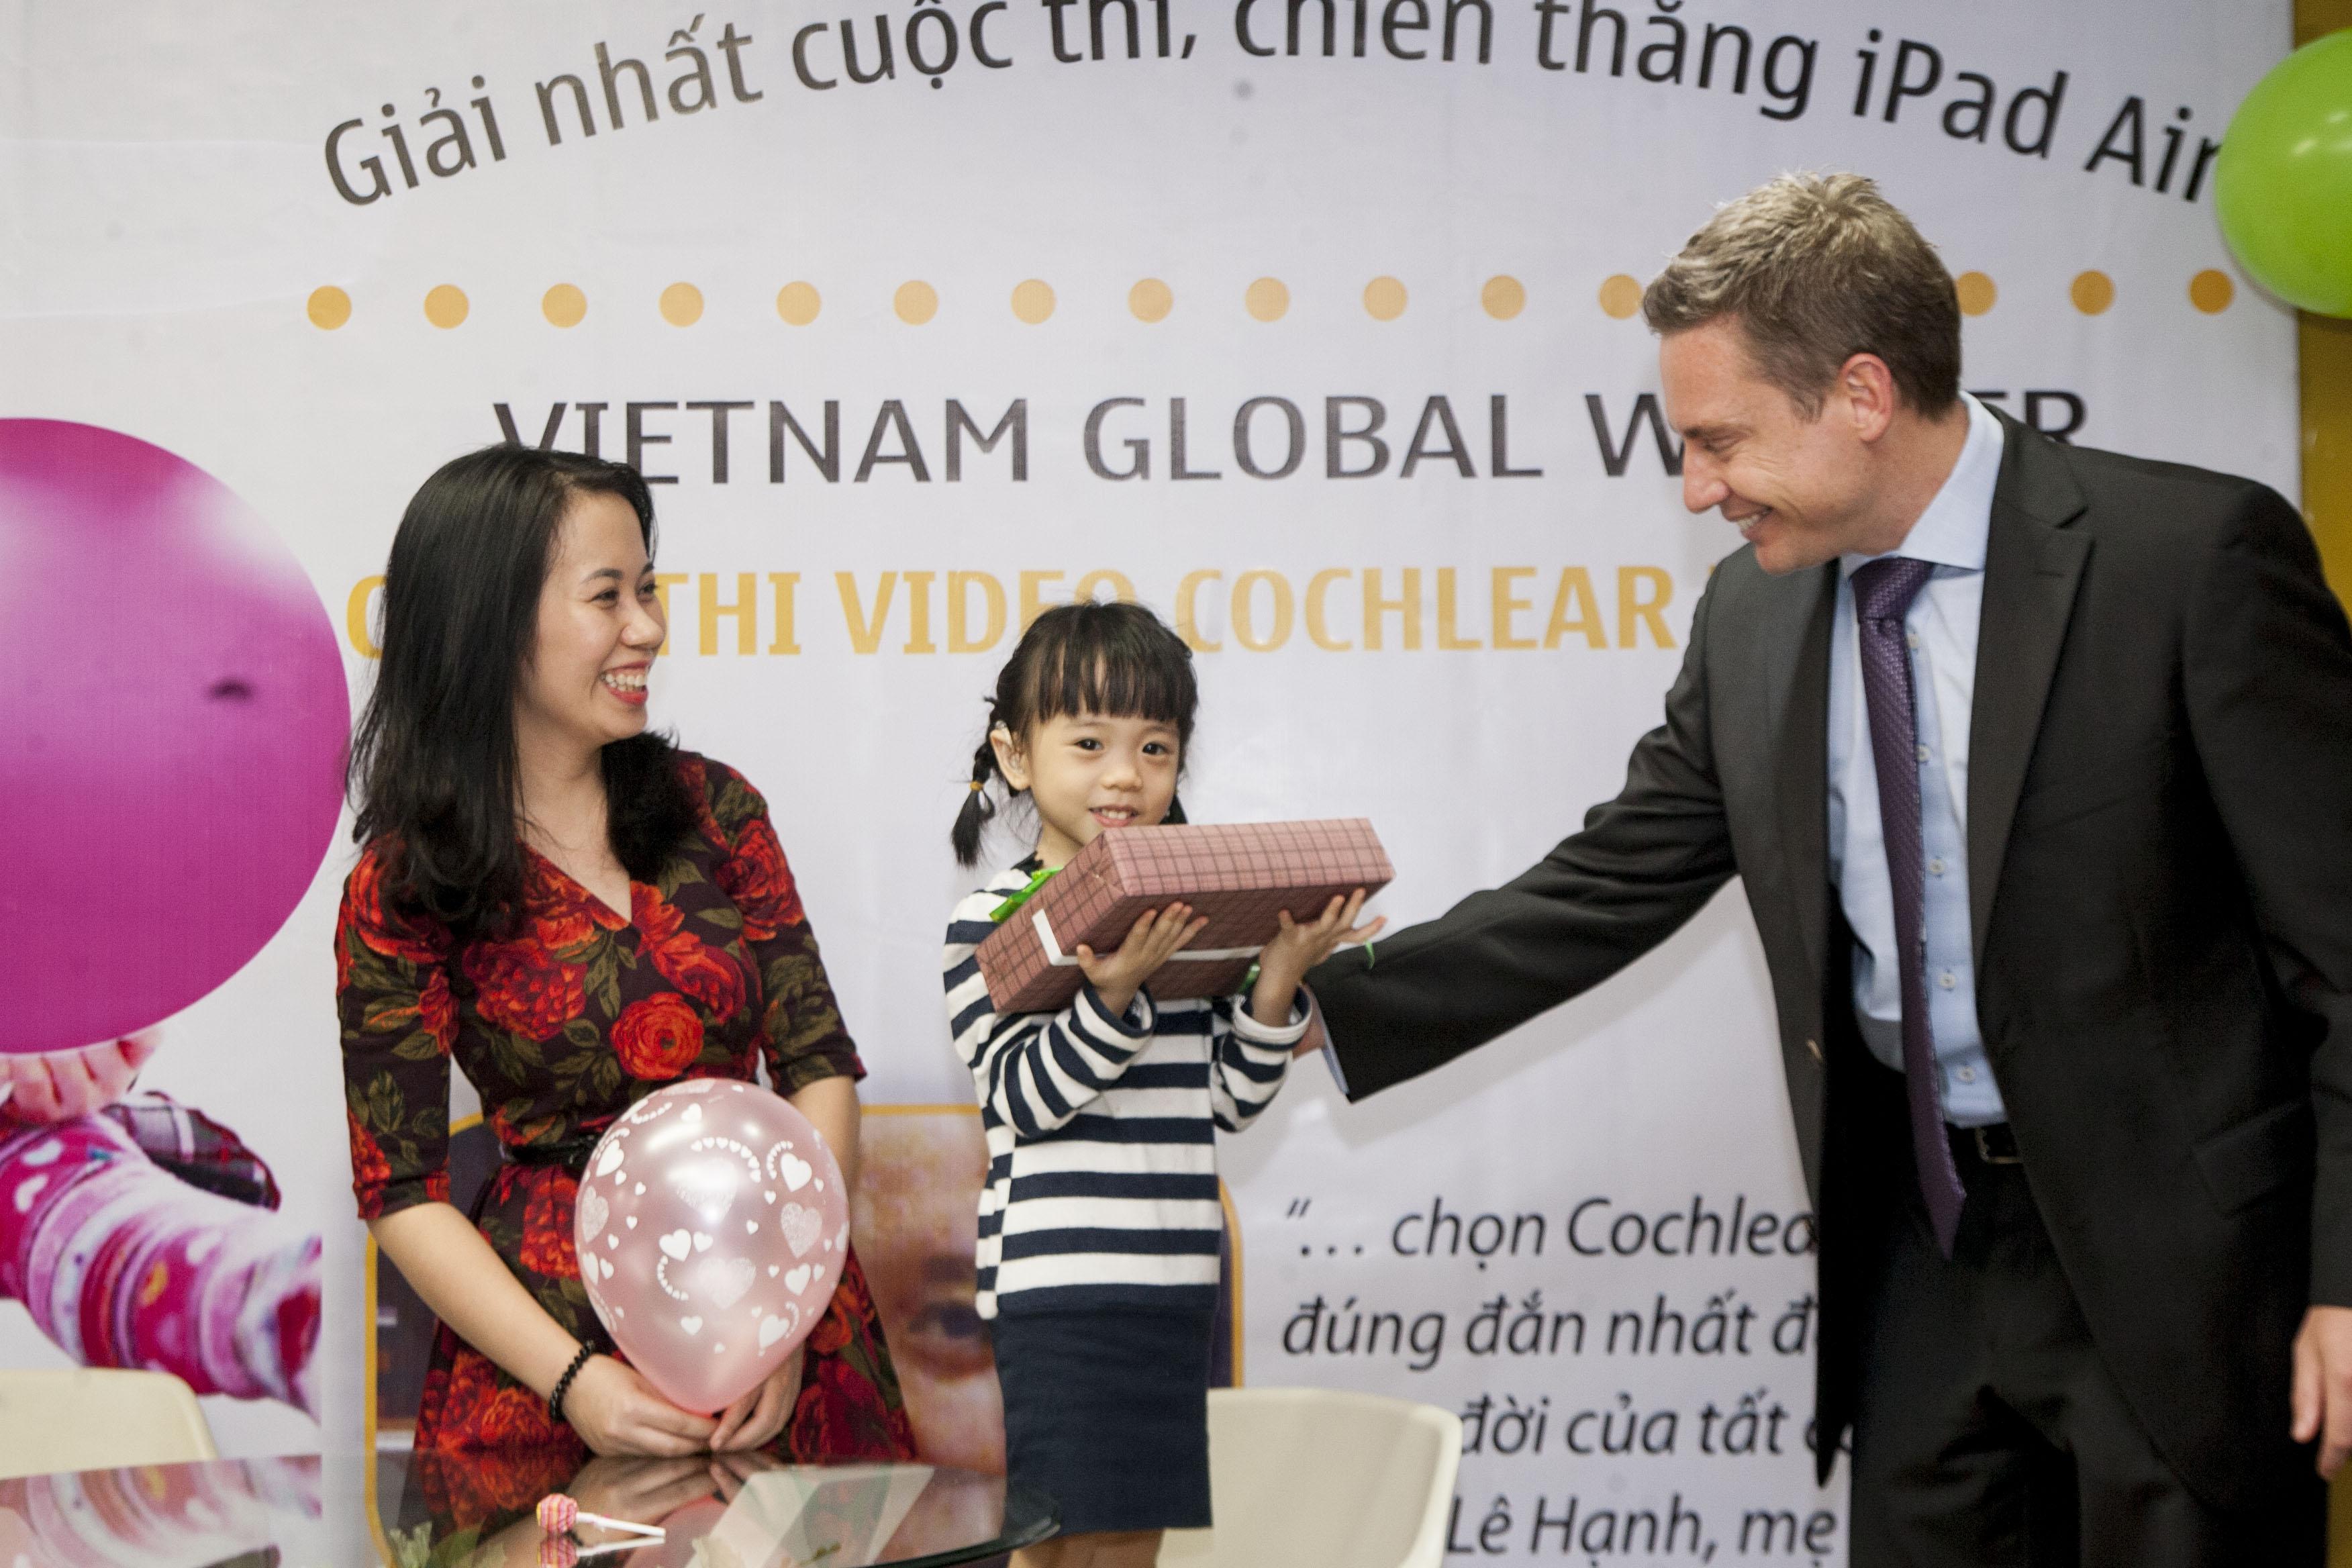 Trao giải nhất cuộc thi Cochlear toàn cầu - Video ngắn.